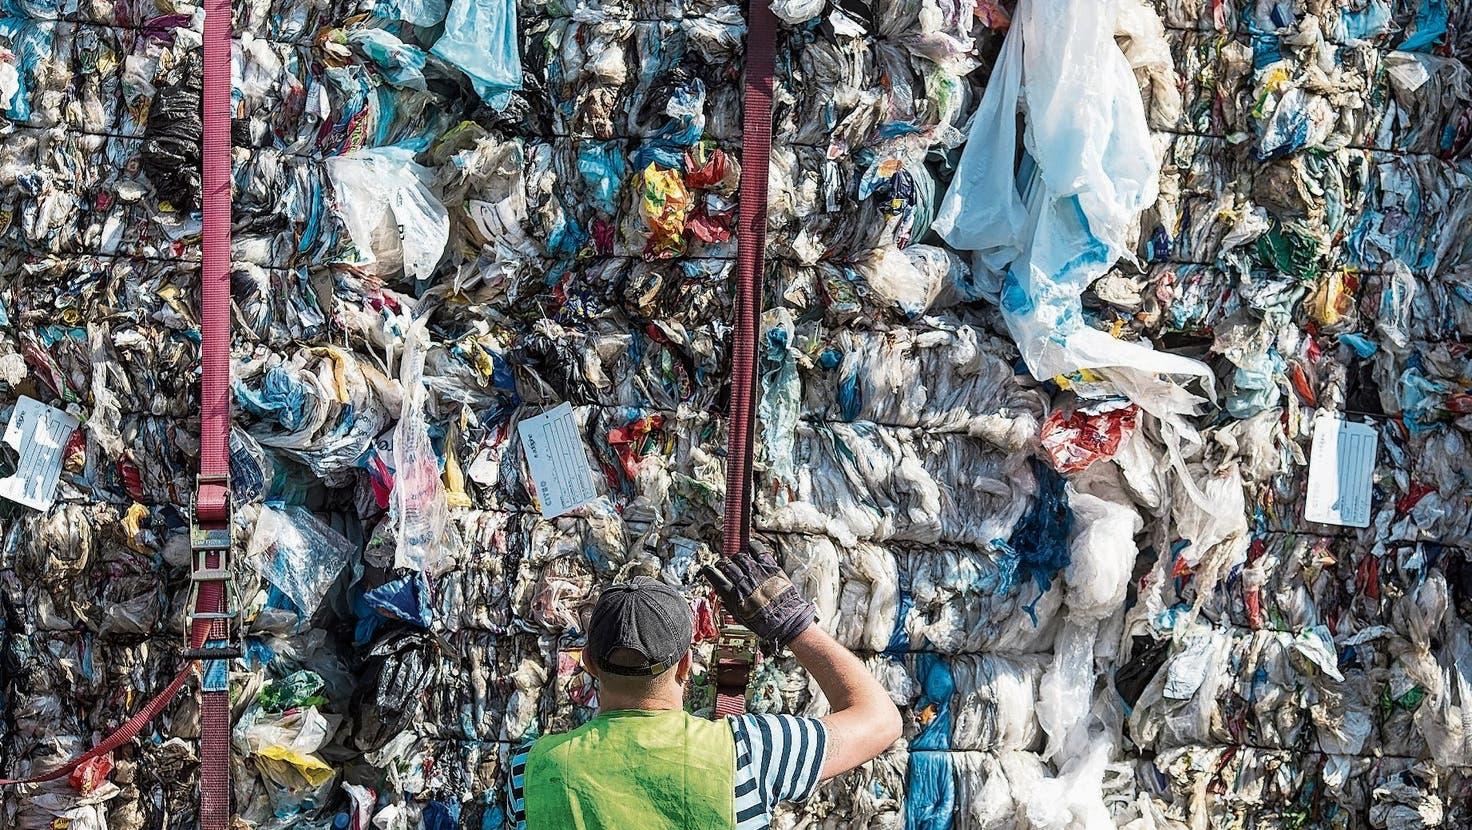 Plastiksammelsack stösst auf Anklang – nun wird das System ausgeweitet